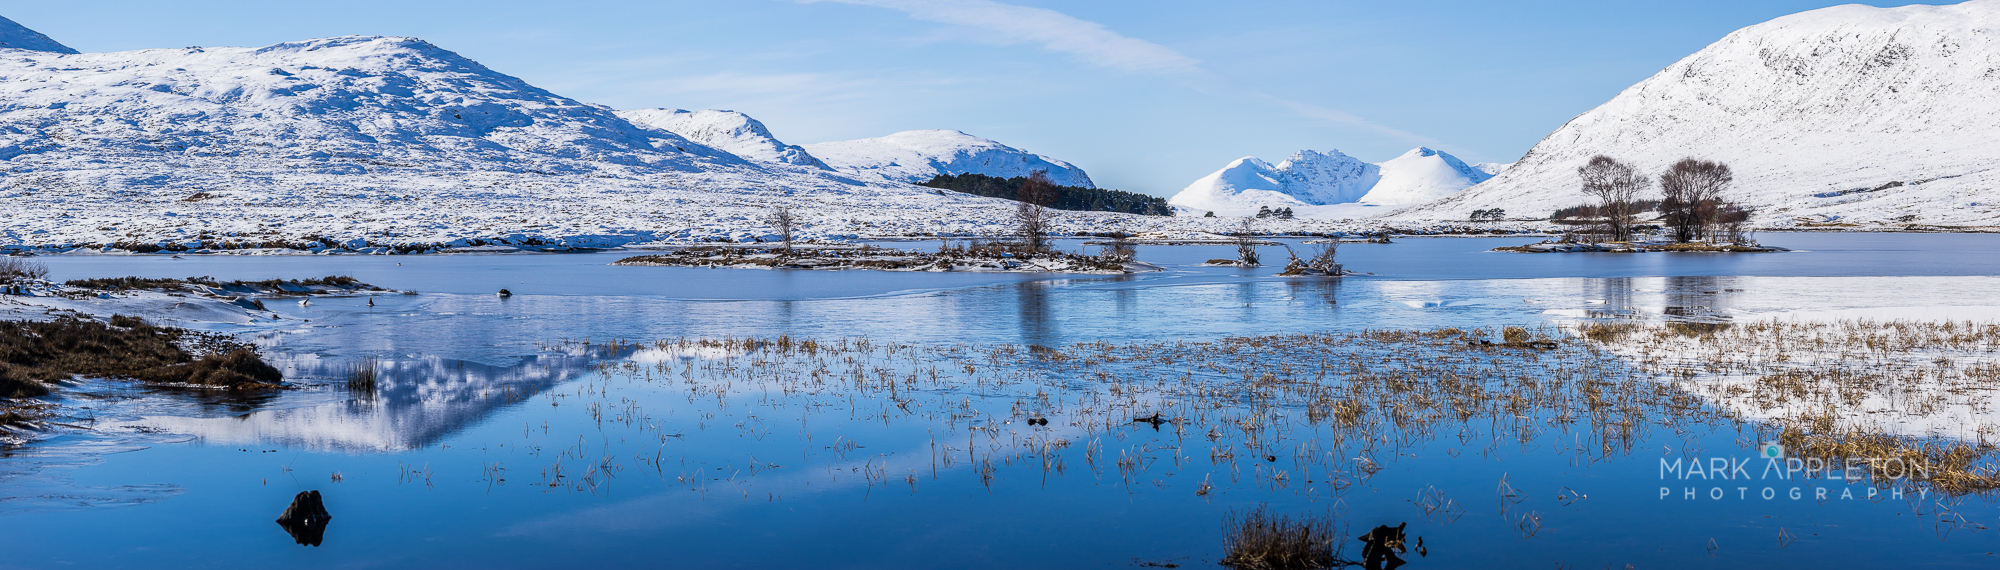 Loch Droma, An Teallach